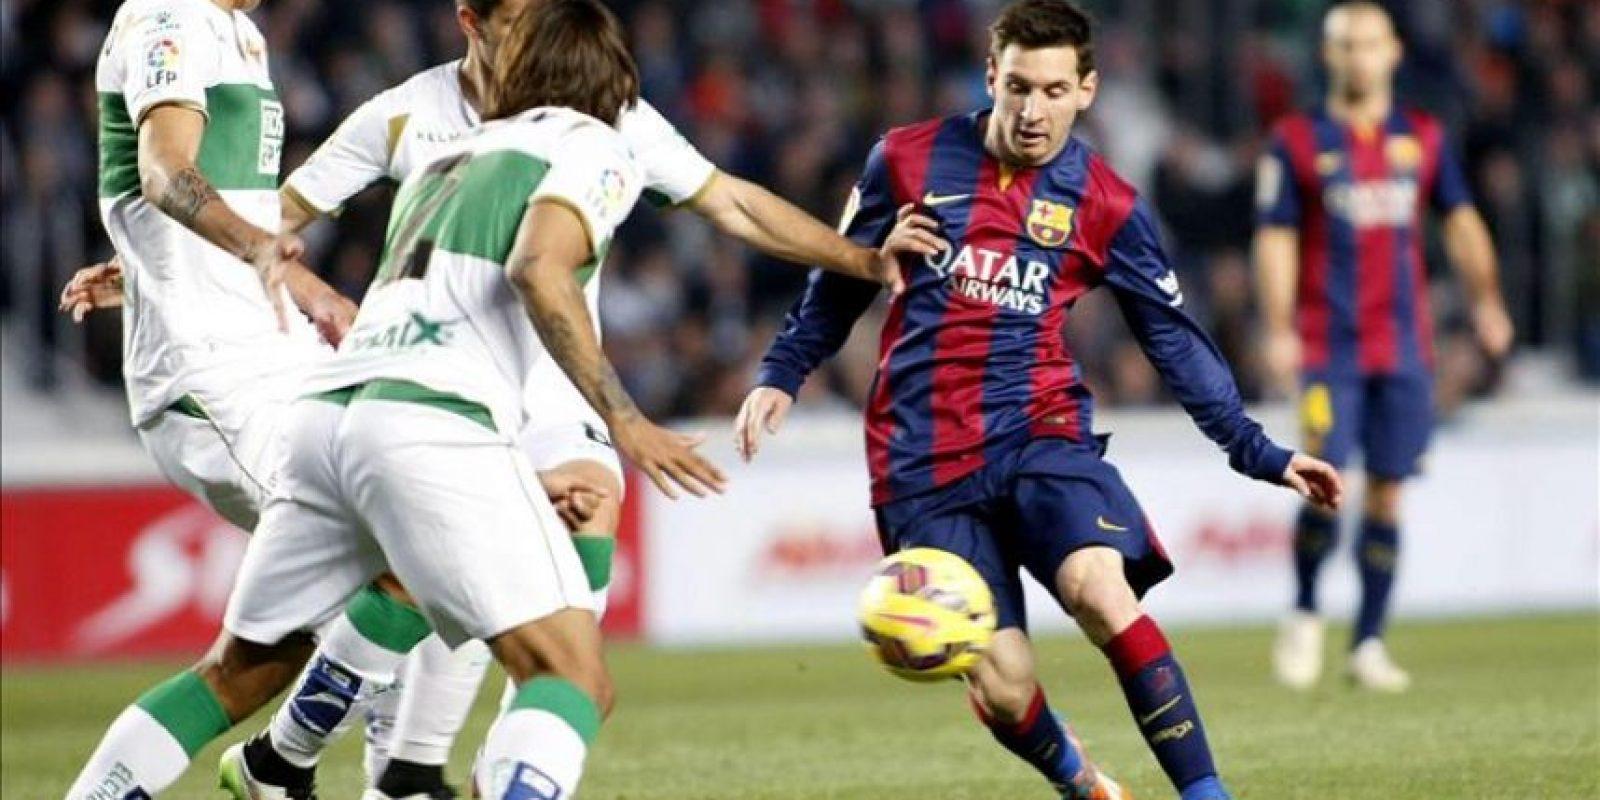 El delantero argentino del FC Barcelona Lionel Messi (d) ante tres defensores del Elche, durante el partido de la vigésima jornada de liga en Primera División que se disputó en el estadio Martínez Valero. EFE